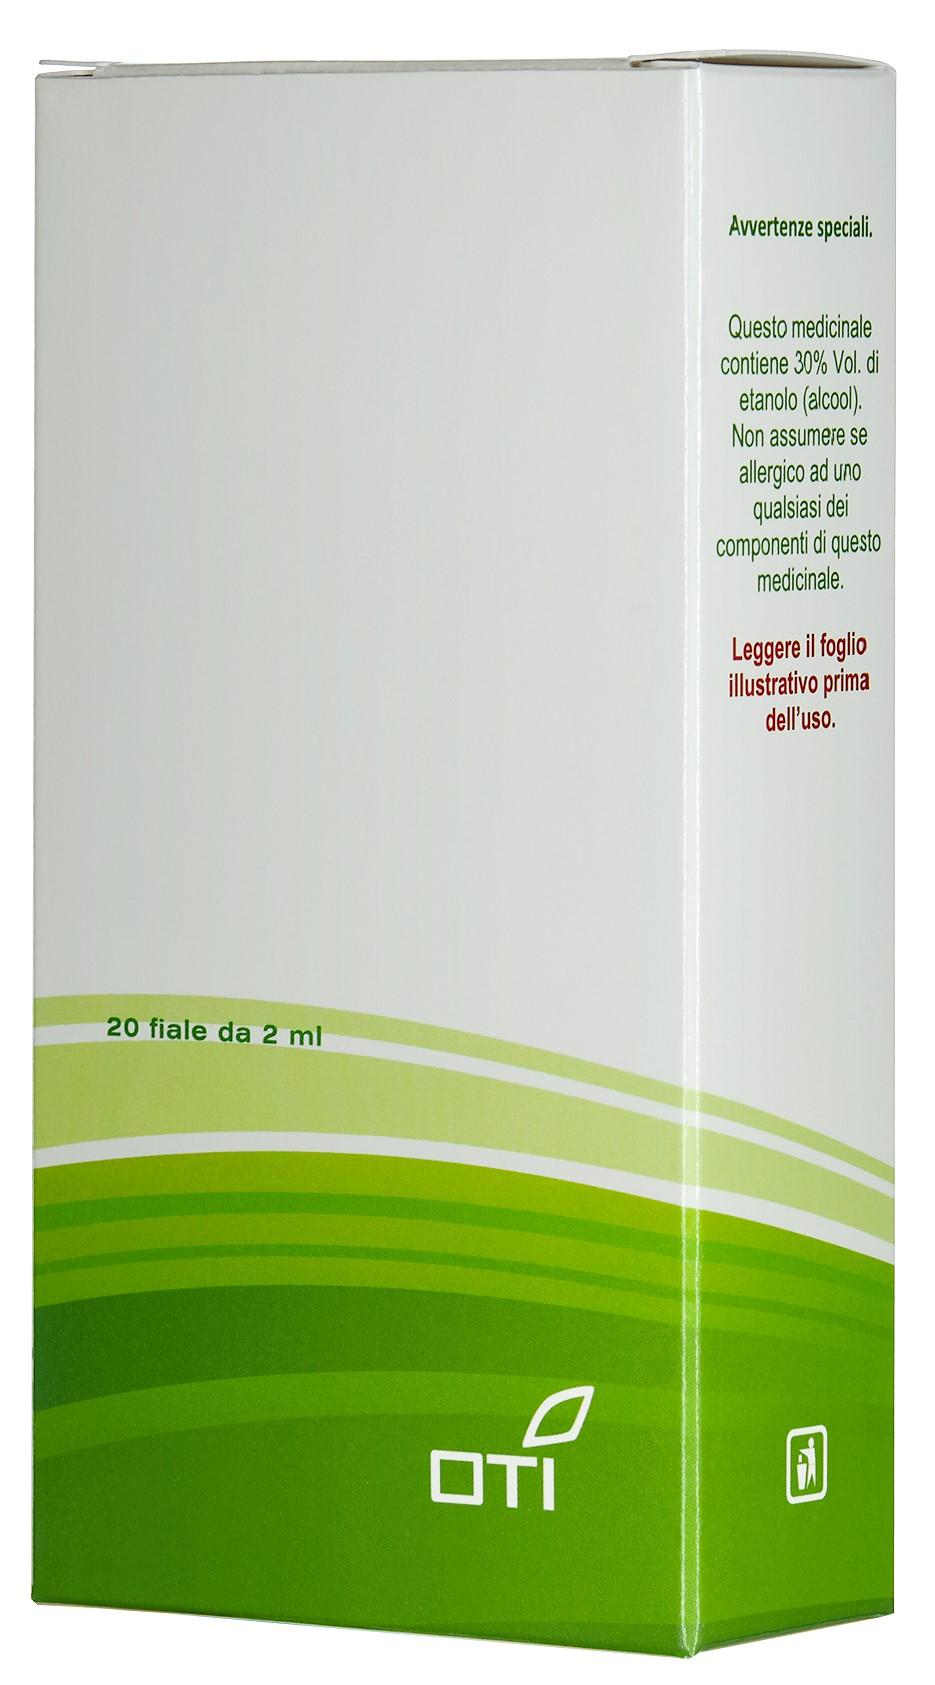 ANTI CD 21*06LM PL 20F 2ML - Parafarmacia la Fattoria della Salute S.n.c. di Delfini Dott.ssa Giulia e Marra Dott.ssa Michela